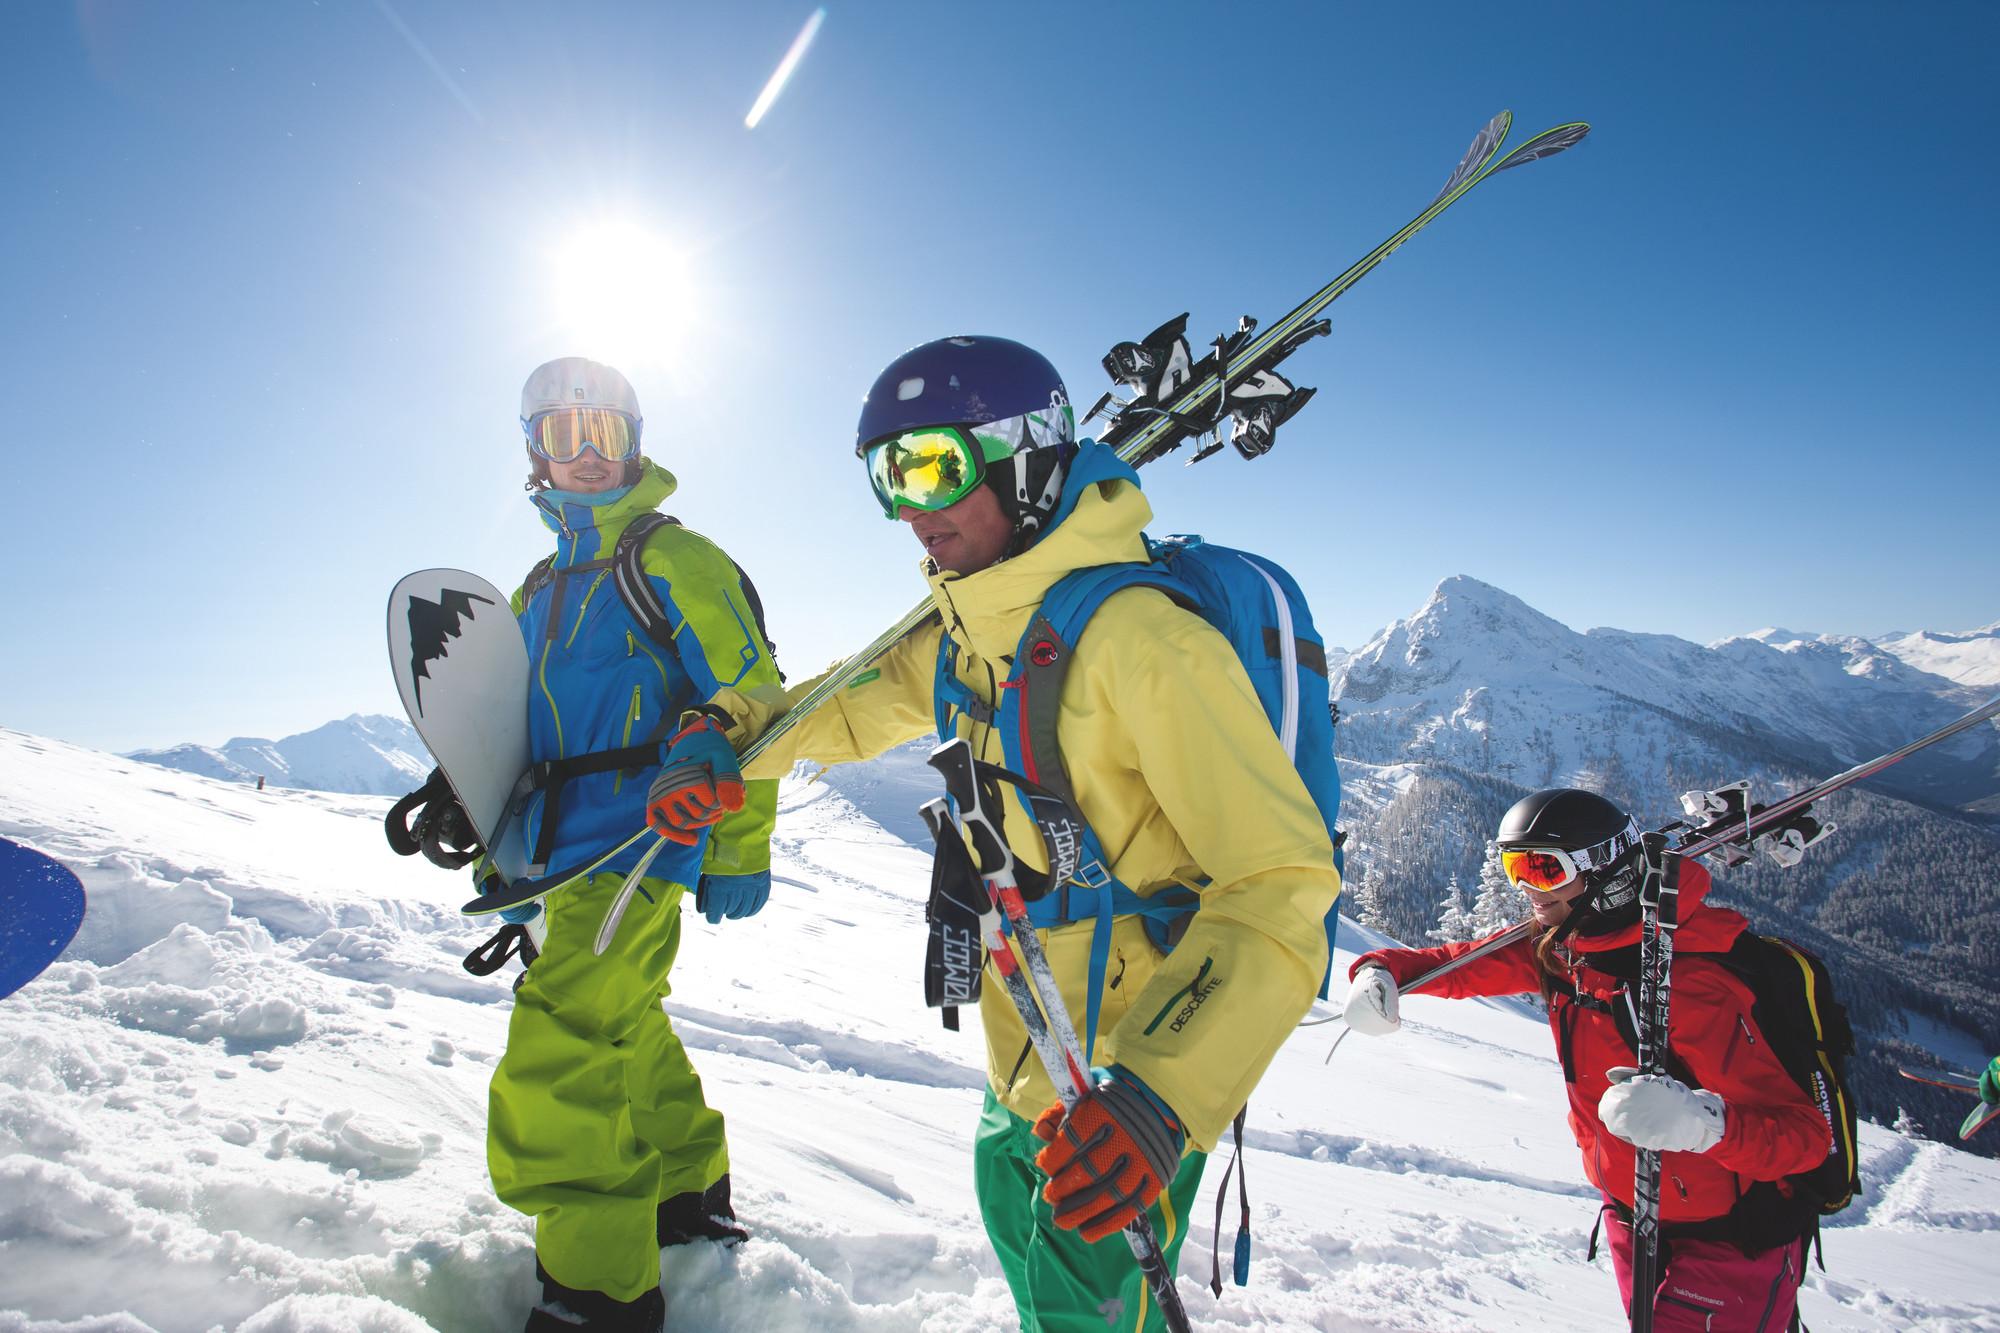 Drei Freerider, davon zwei Skifahrer und ein Snowboarder, steigen gemeinsam zum Freeriden auf